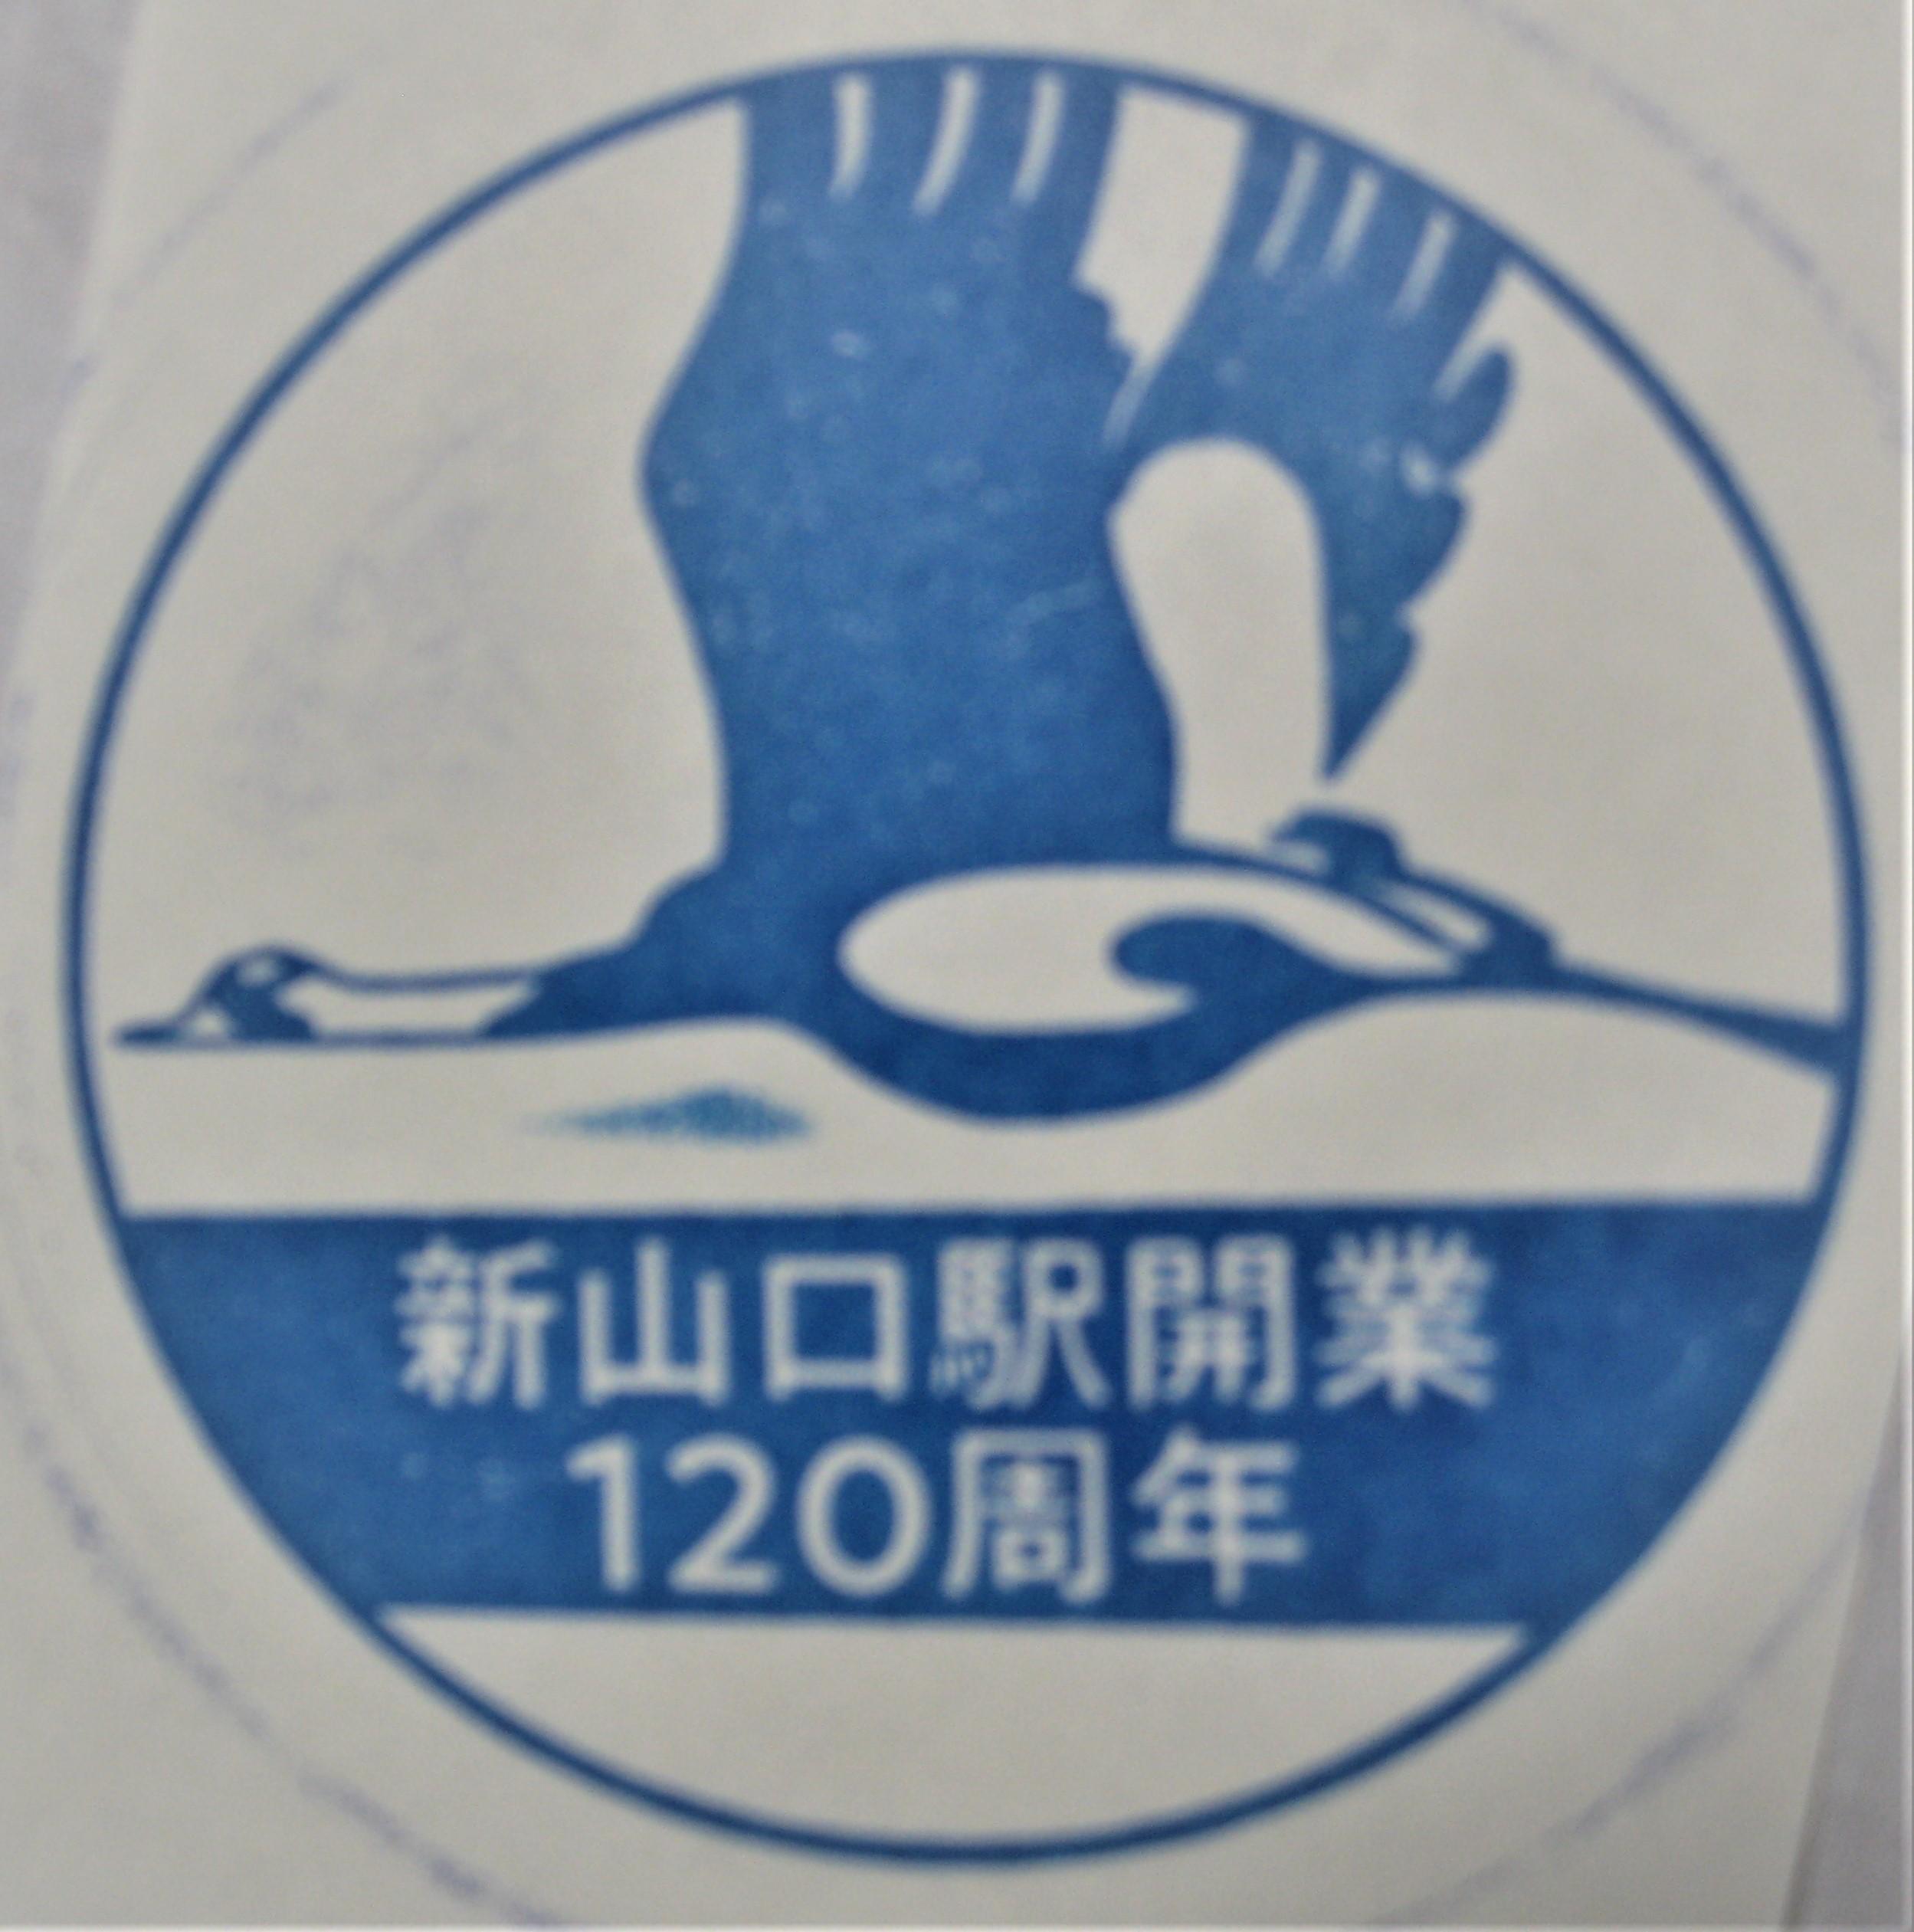 単独表示 IMG_8158 (2).JPG